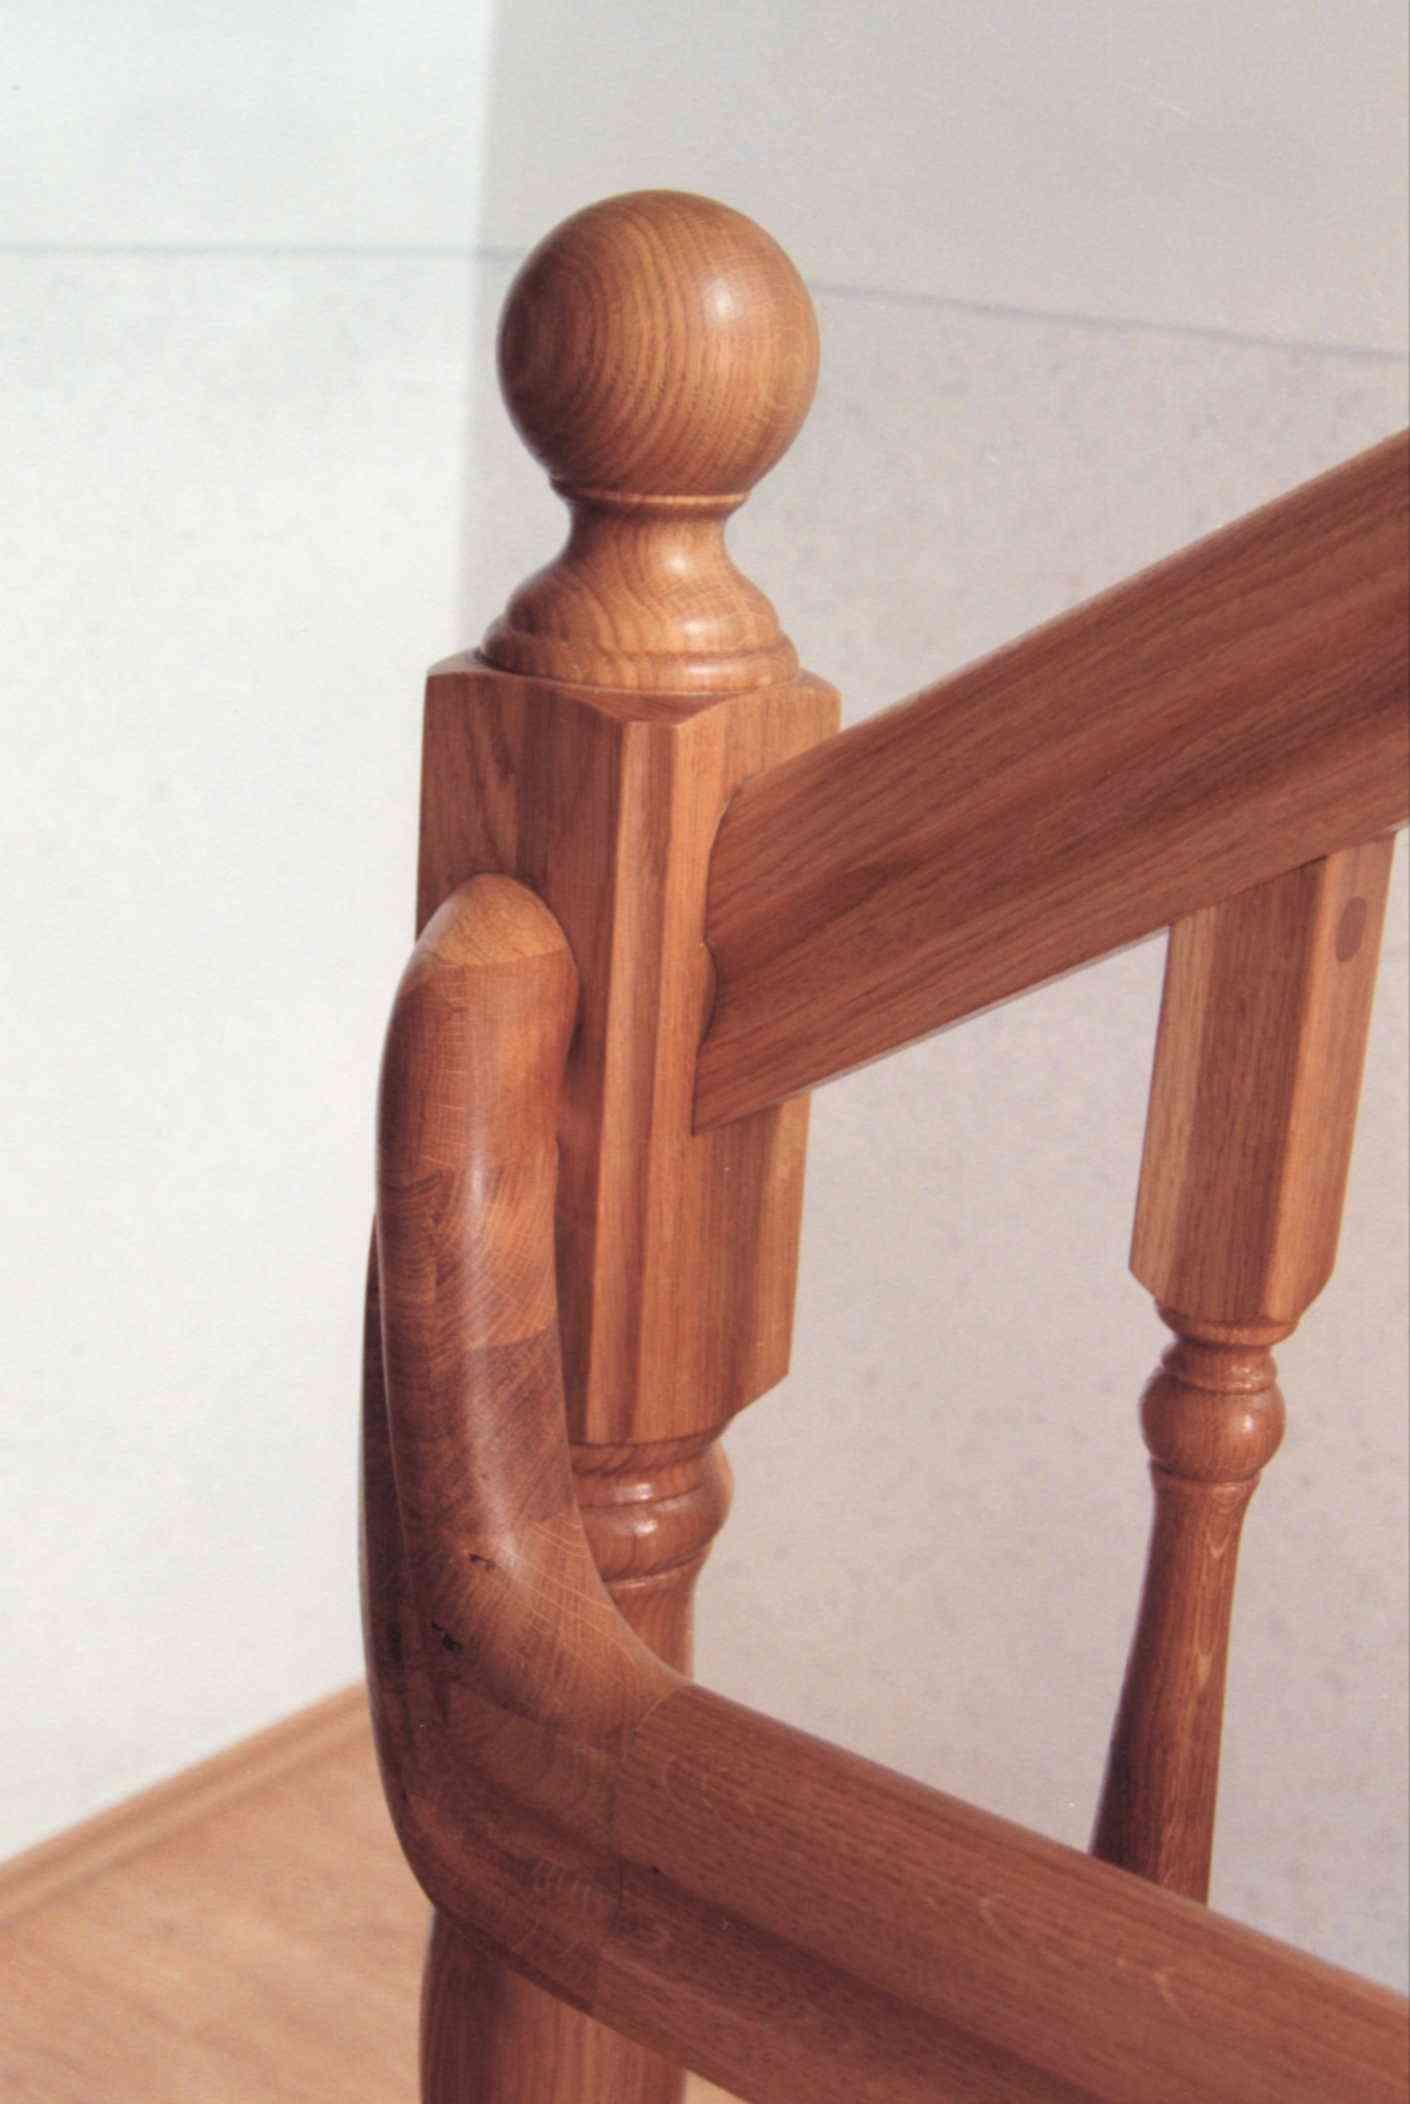 Schodiště, obklad, dub. Detail zábradlí s koulí. Livínov - 1999.